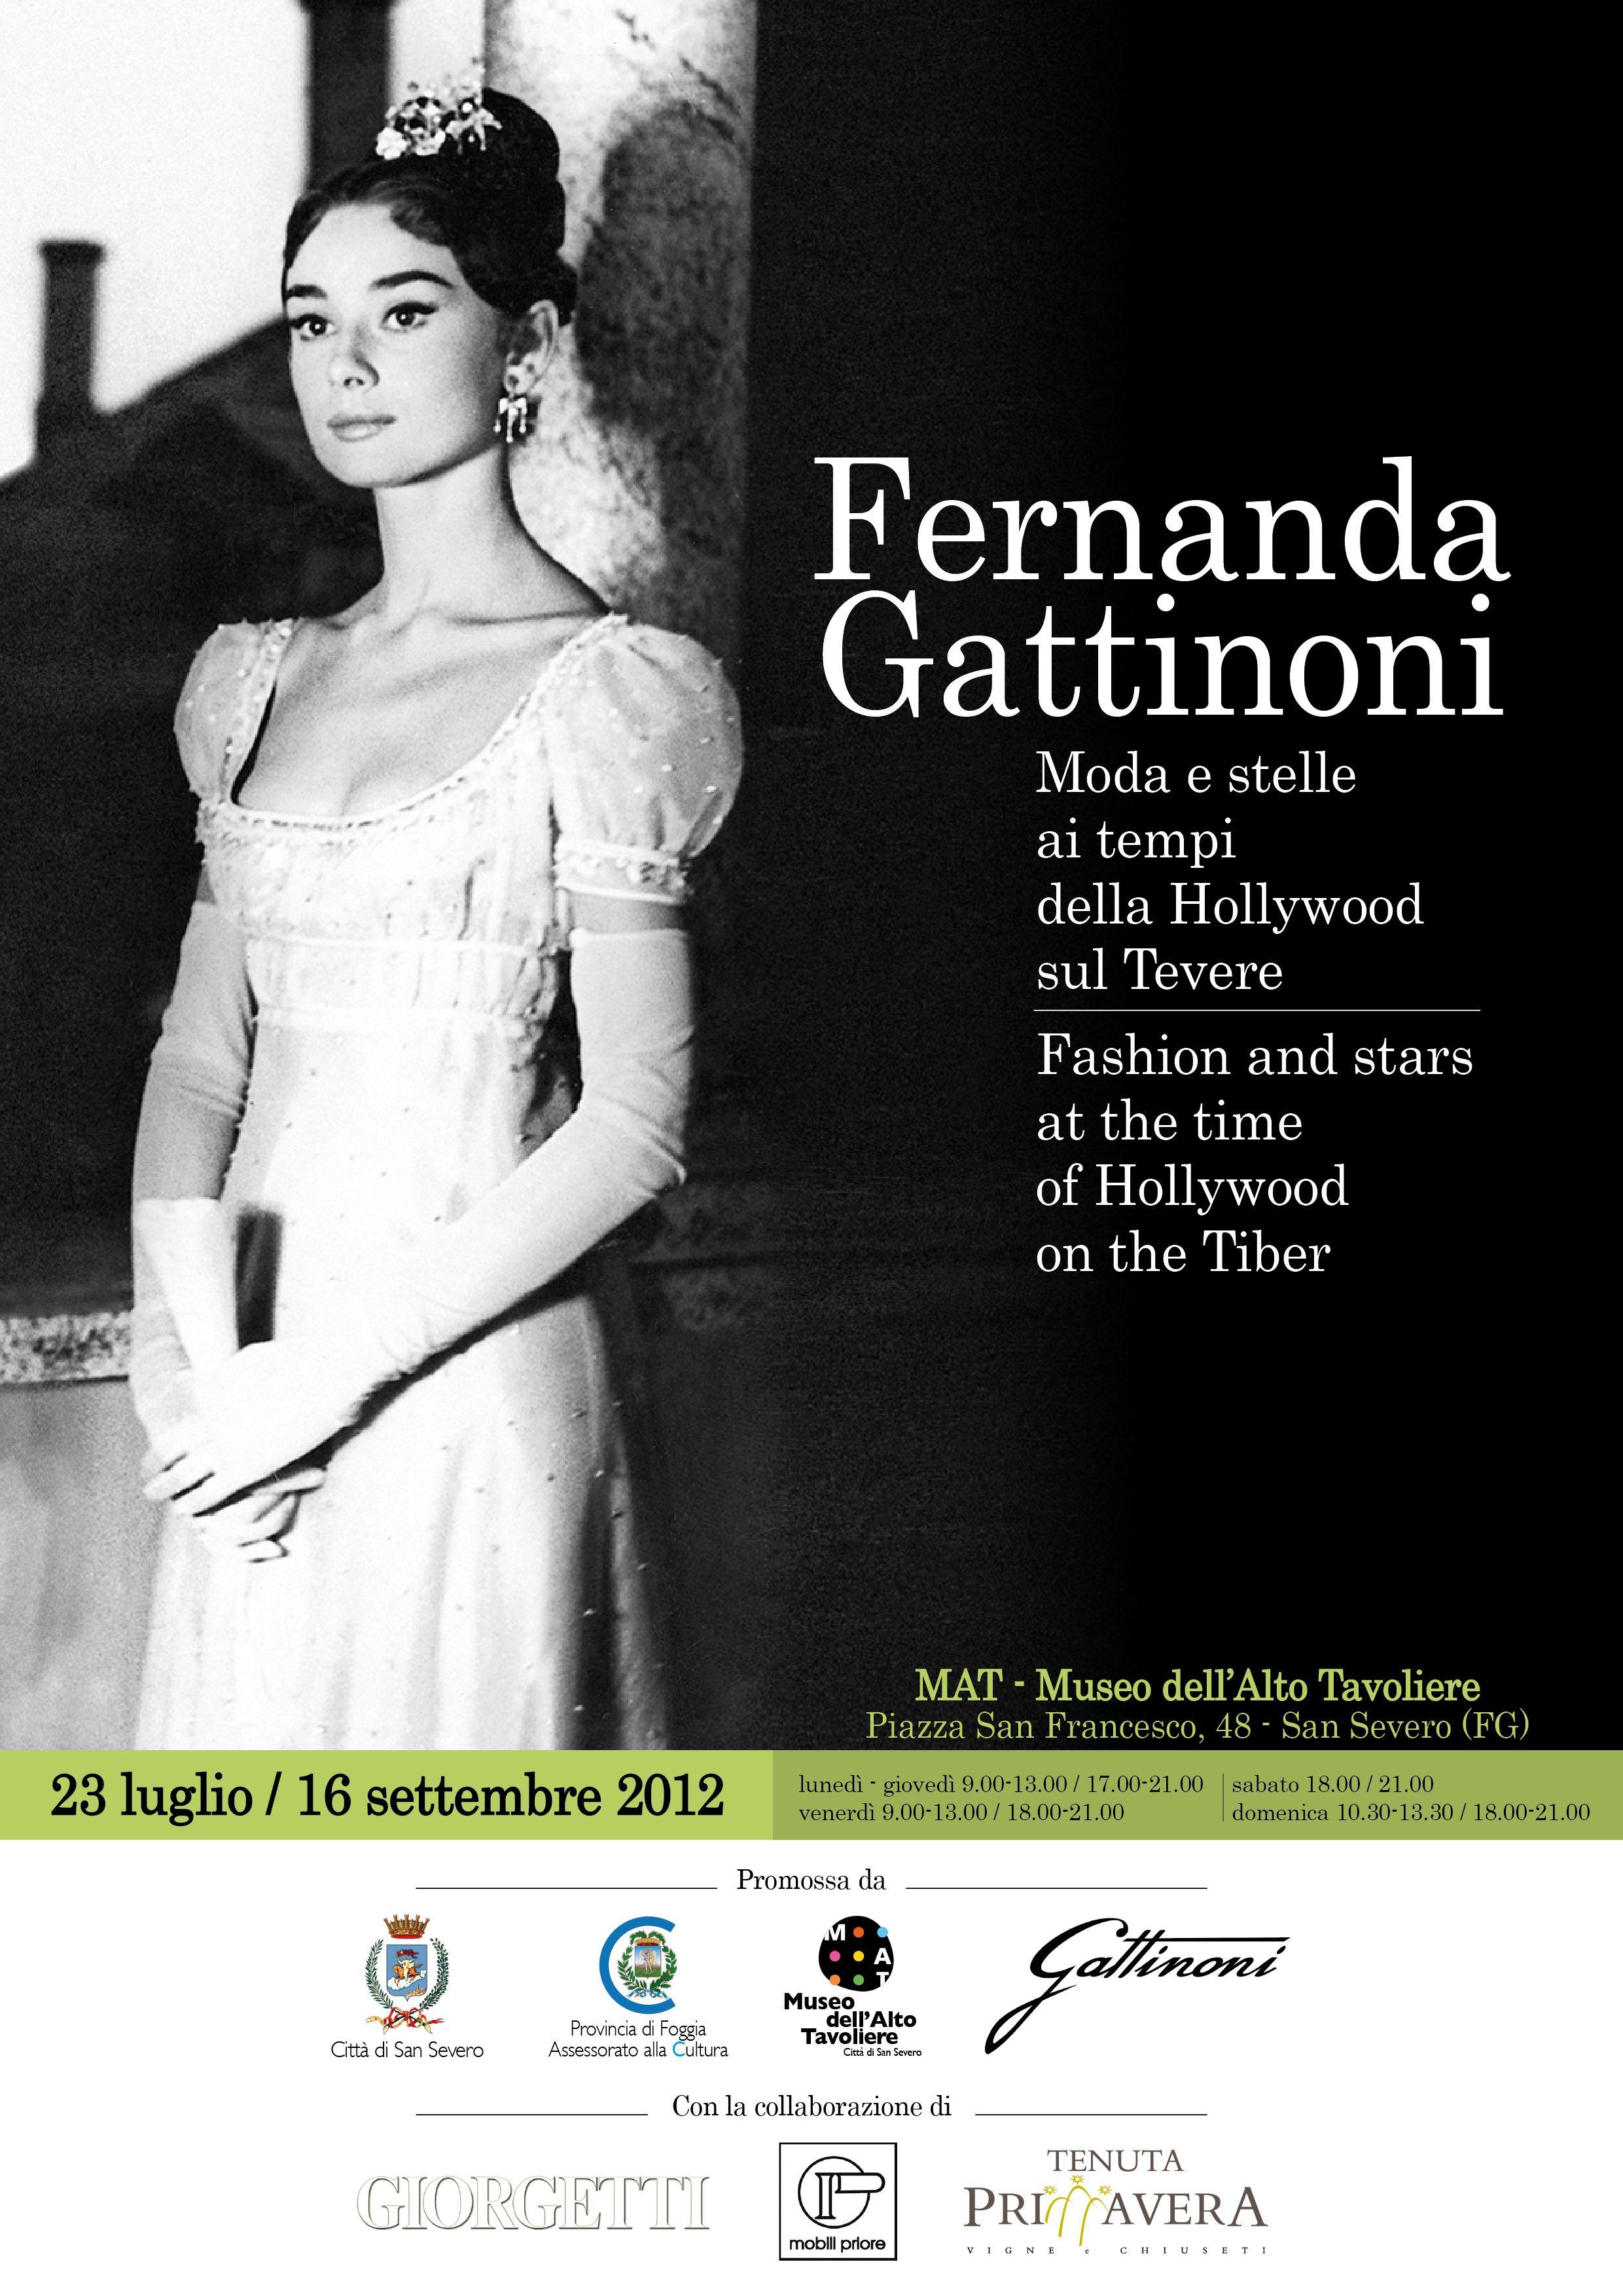 """""""Fernanda Gattinoni. Moda e stelle ai tempi della Hollywood sul Tevere"""" (23 luglio / 16 settembre 2012)"""